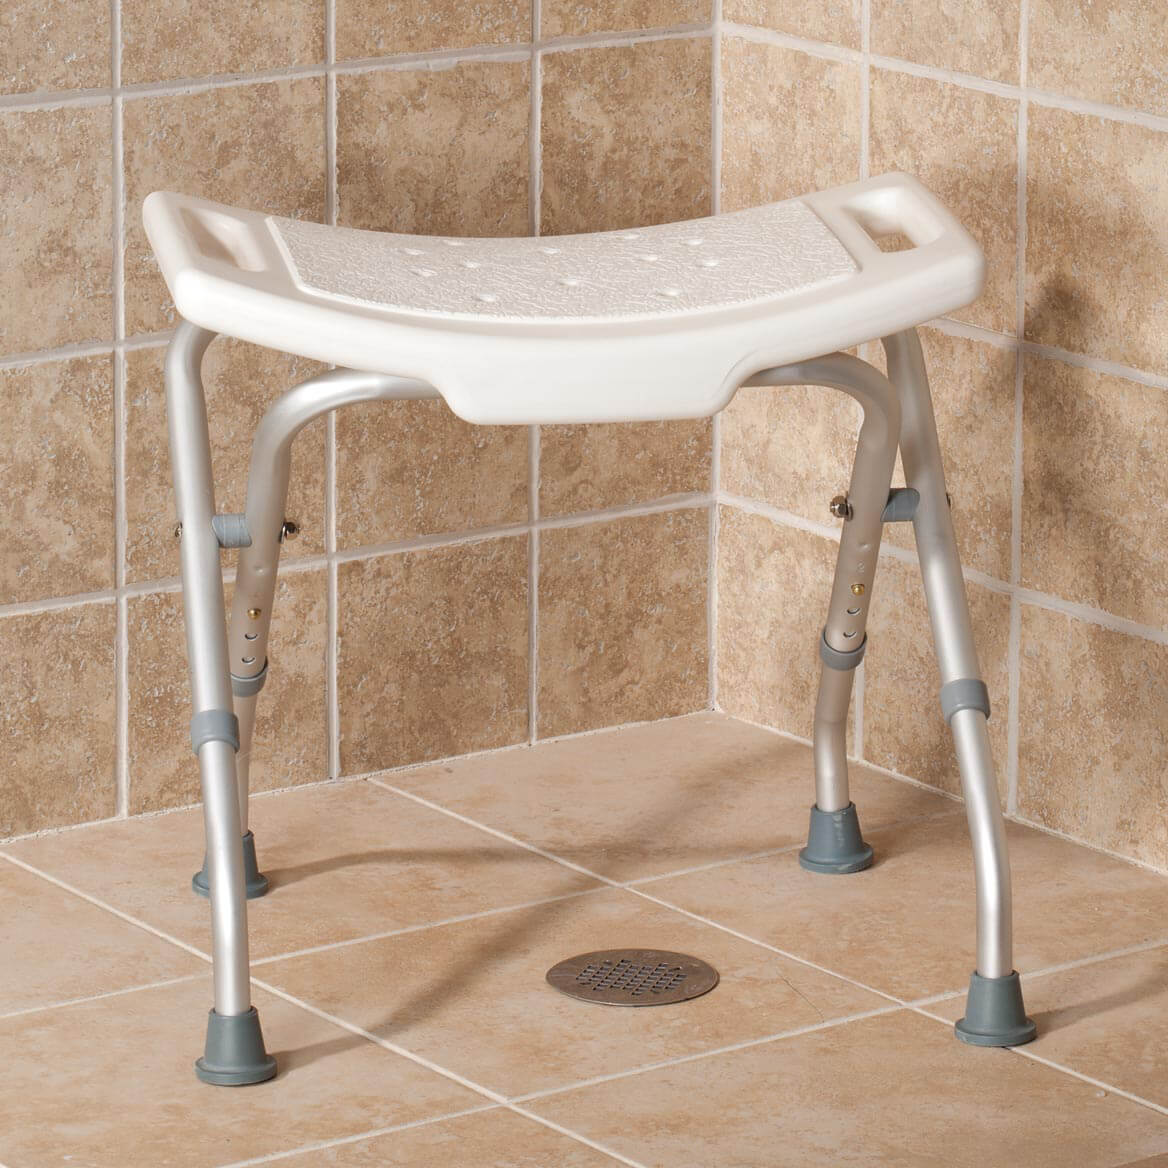 Folding Bath Bench-358606